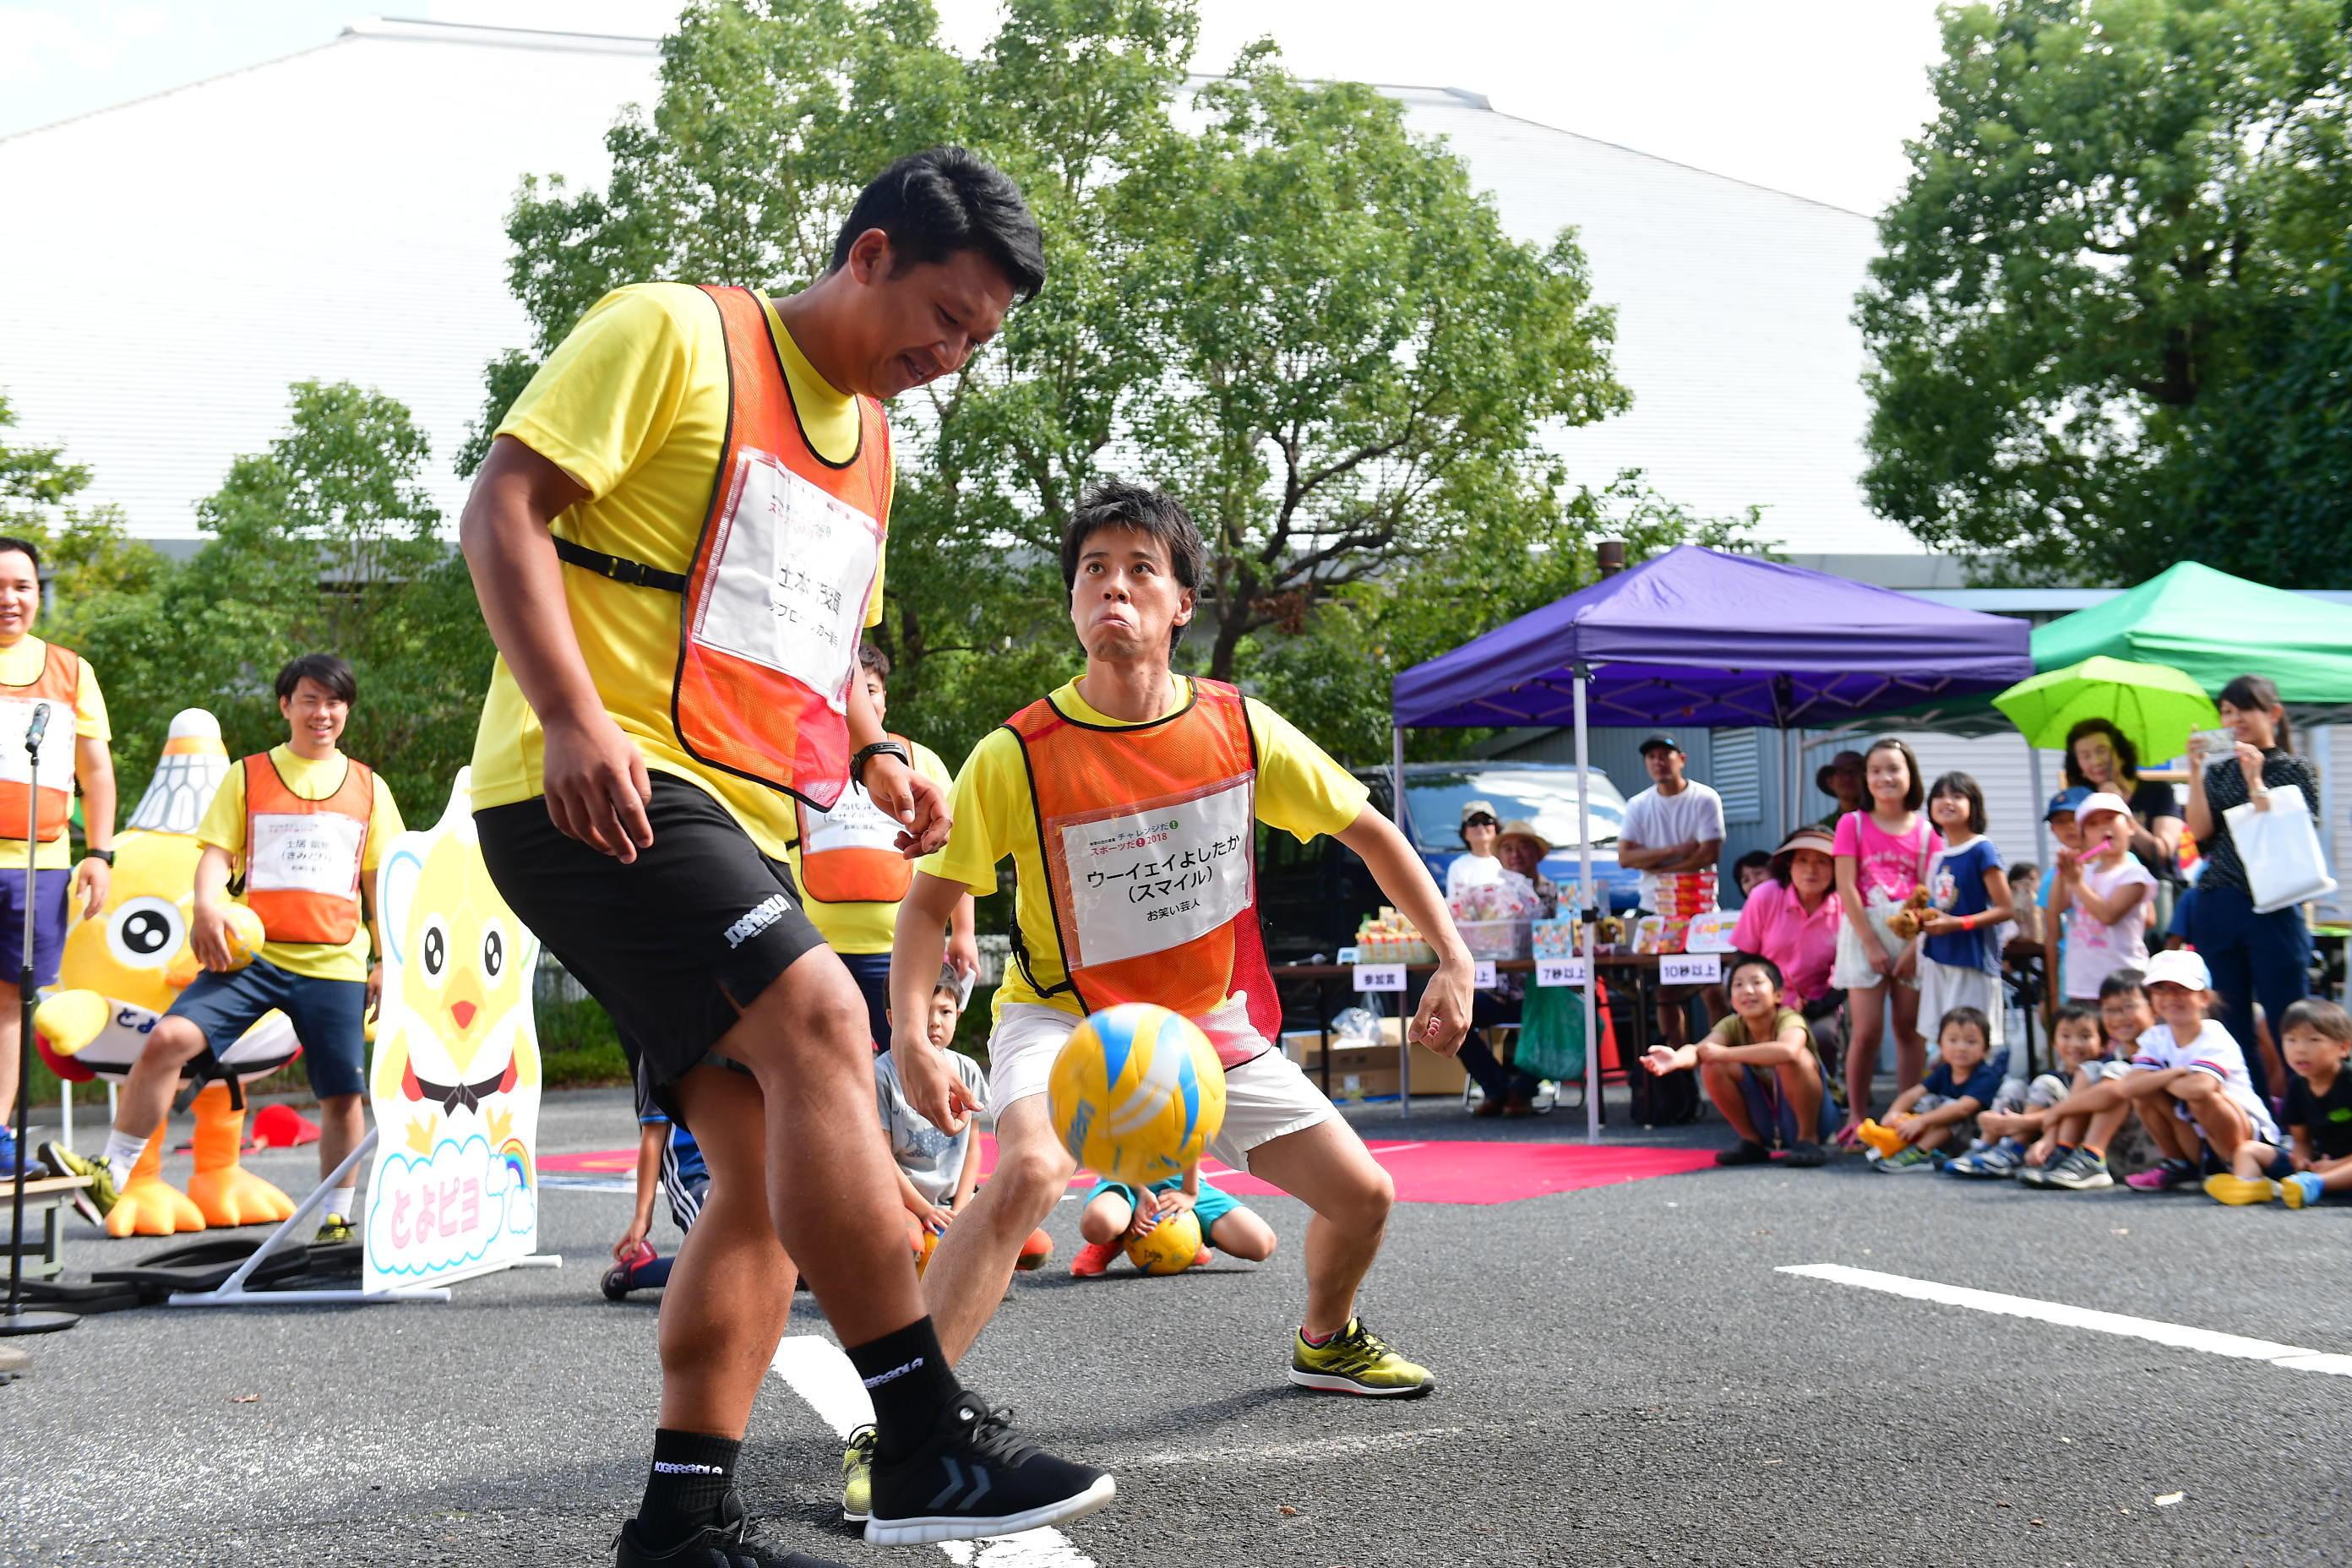 http://news.yoshimoto.co.jp/20181008191450-8f25bb6686f0205364e4d26a05523606eb3a8a8e.jpg